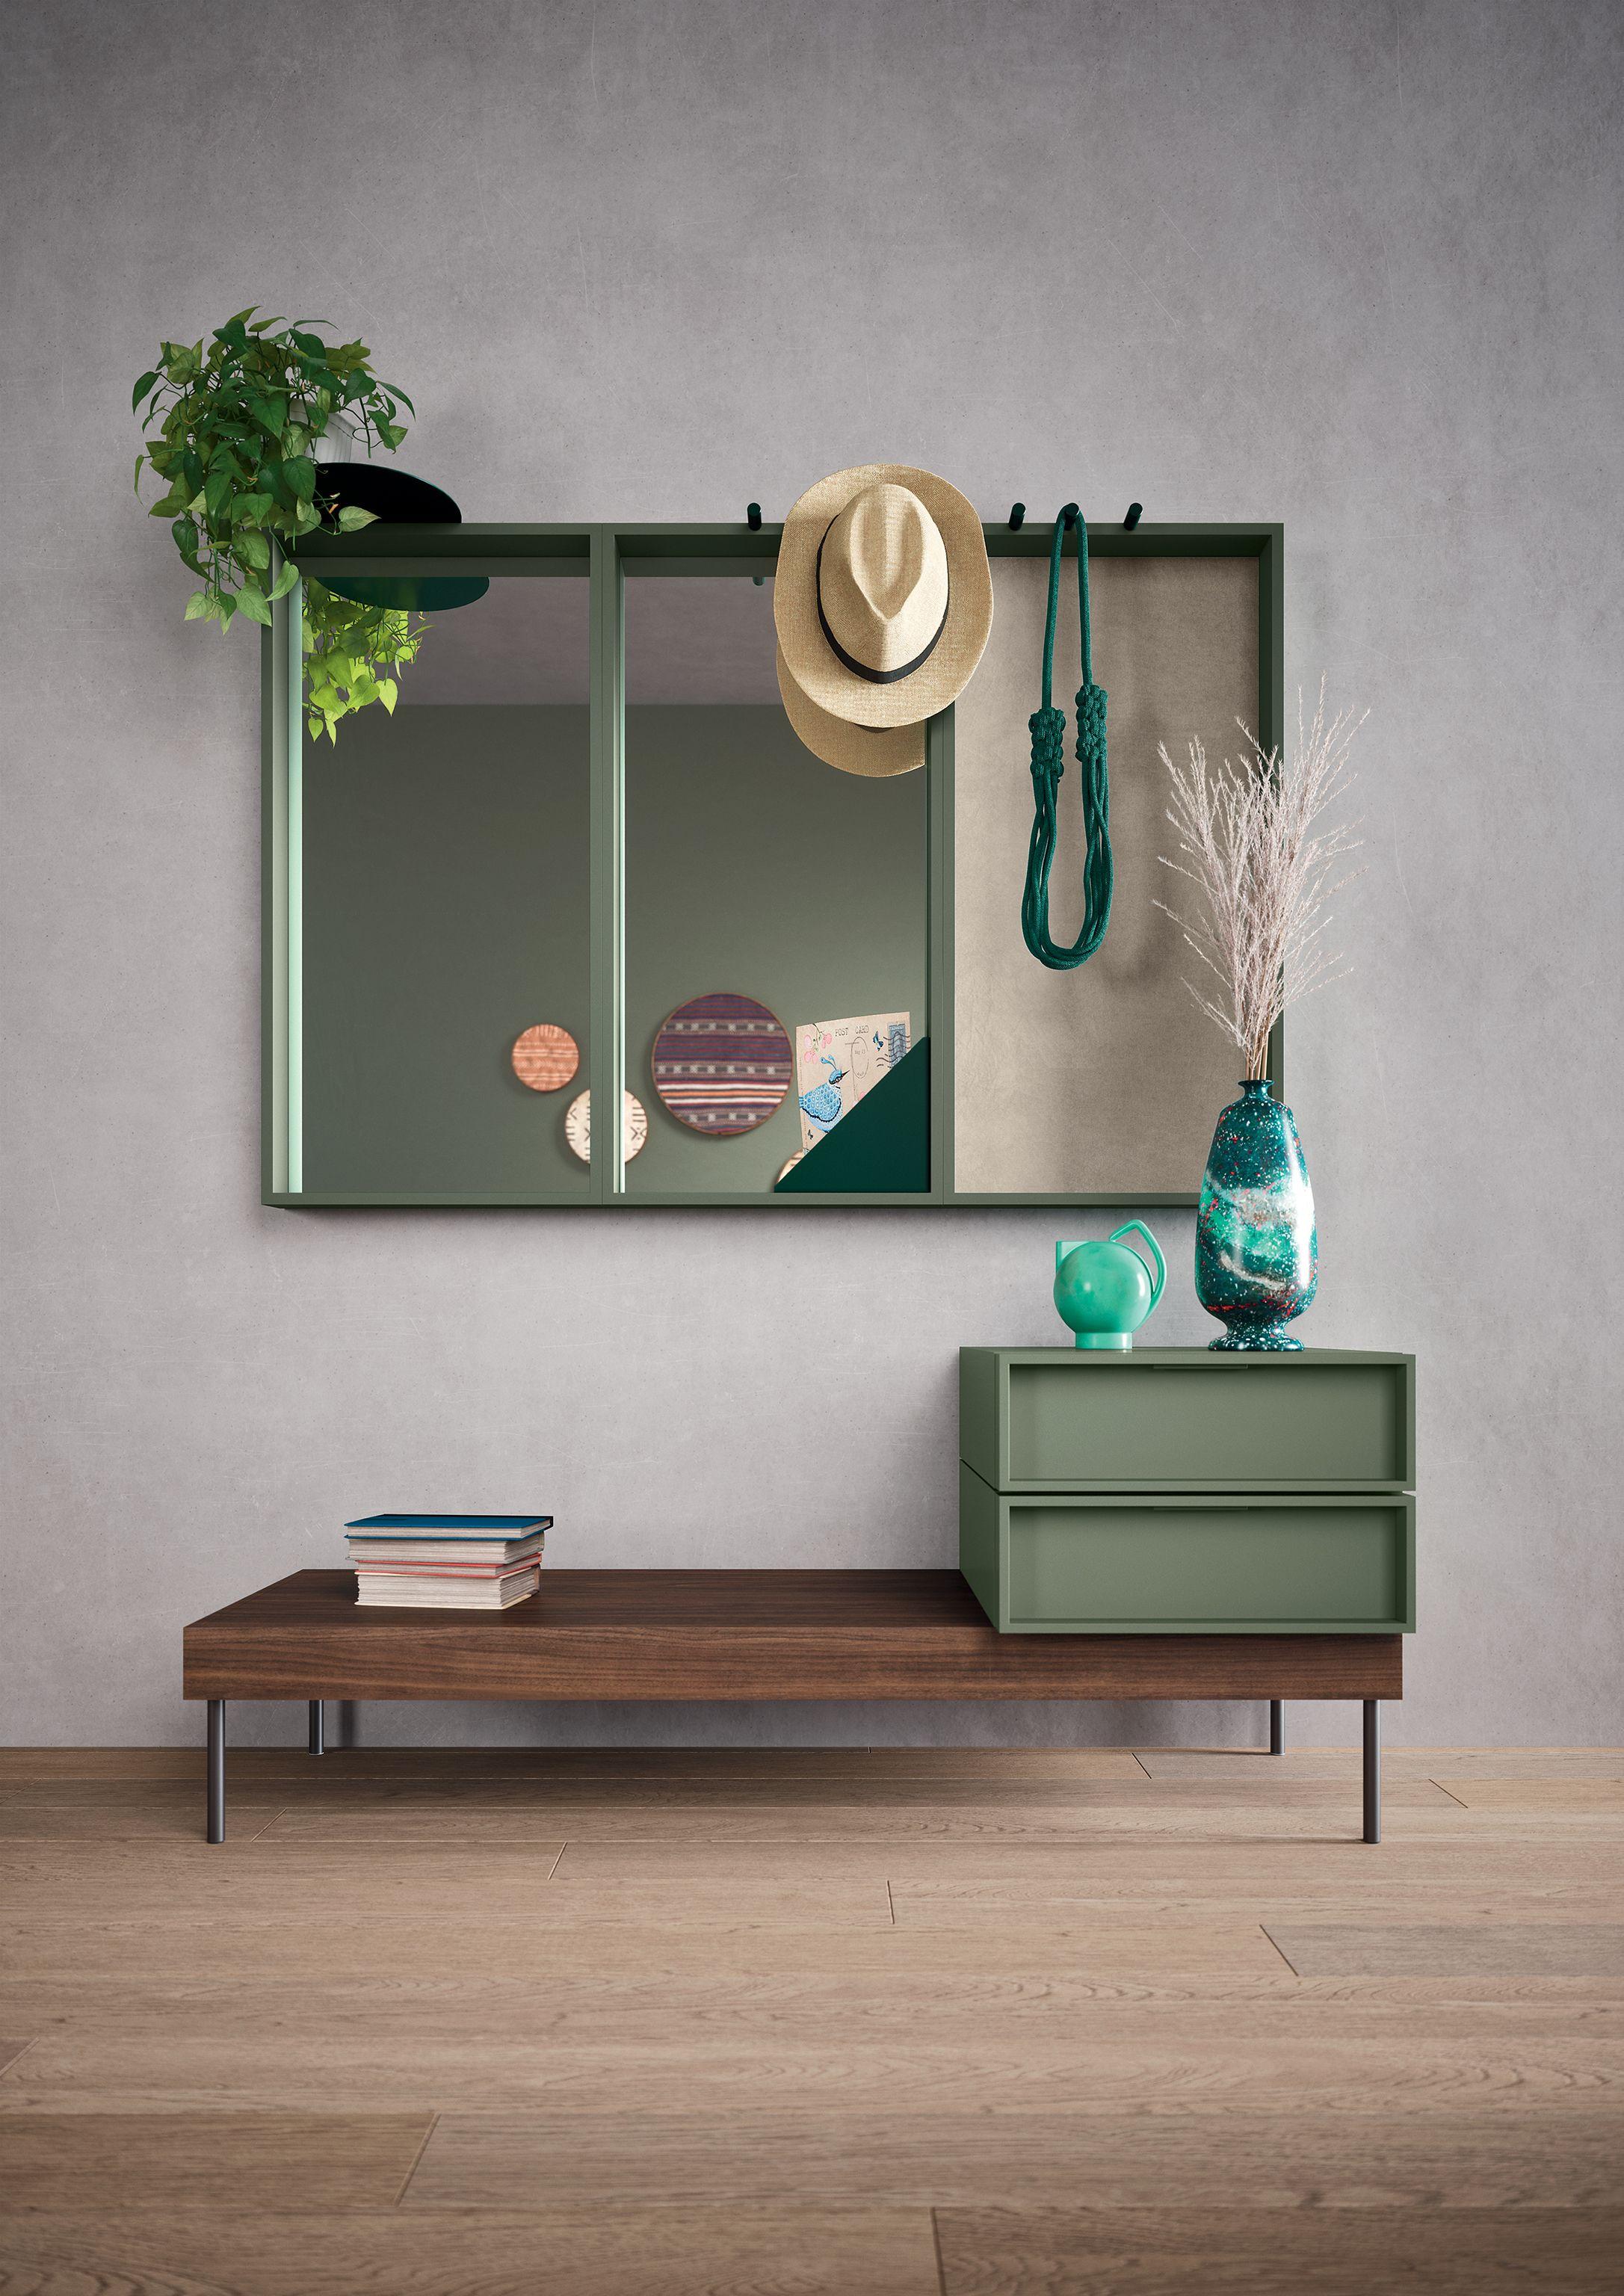 Bakaji set mobili ingresso design moderno con scarpiera panca cassetto specchio rettangolare e appendiabiti attaccapanni 3 ganci da parete casa design. Come Arredare L Ingresso Di Casa